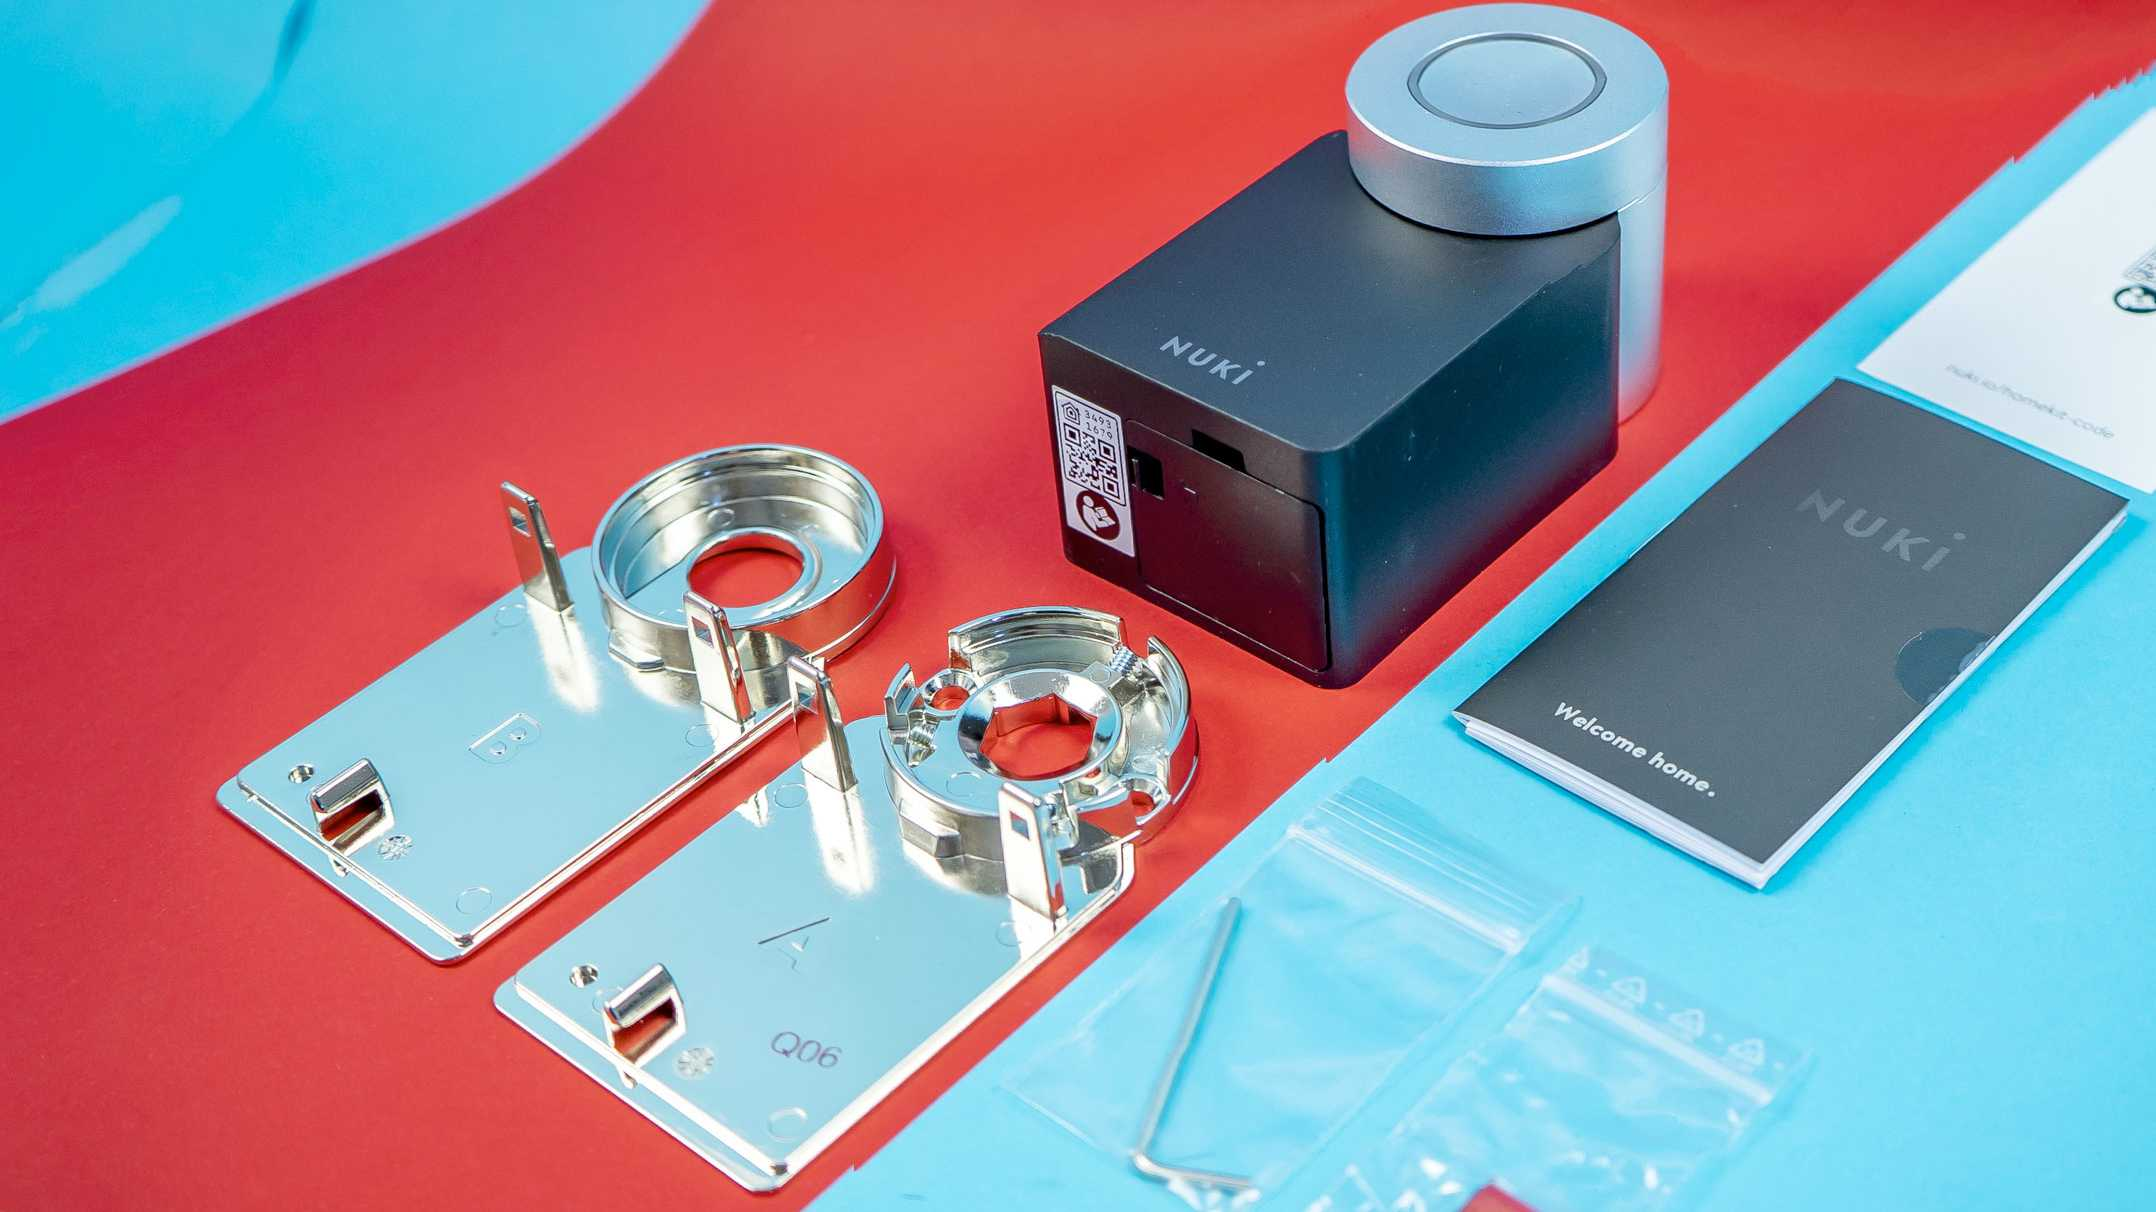 Kaufberatung: sichere Smartlocks für die Haustür